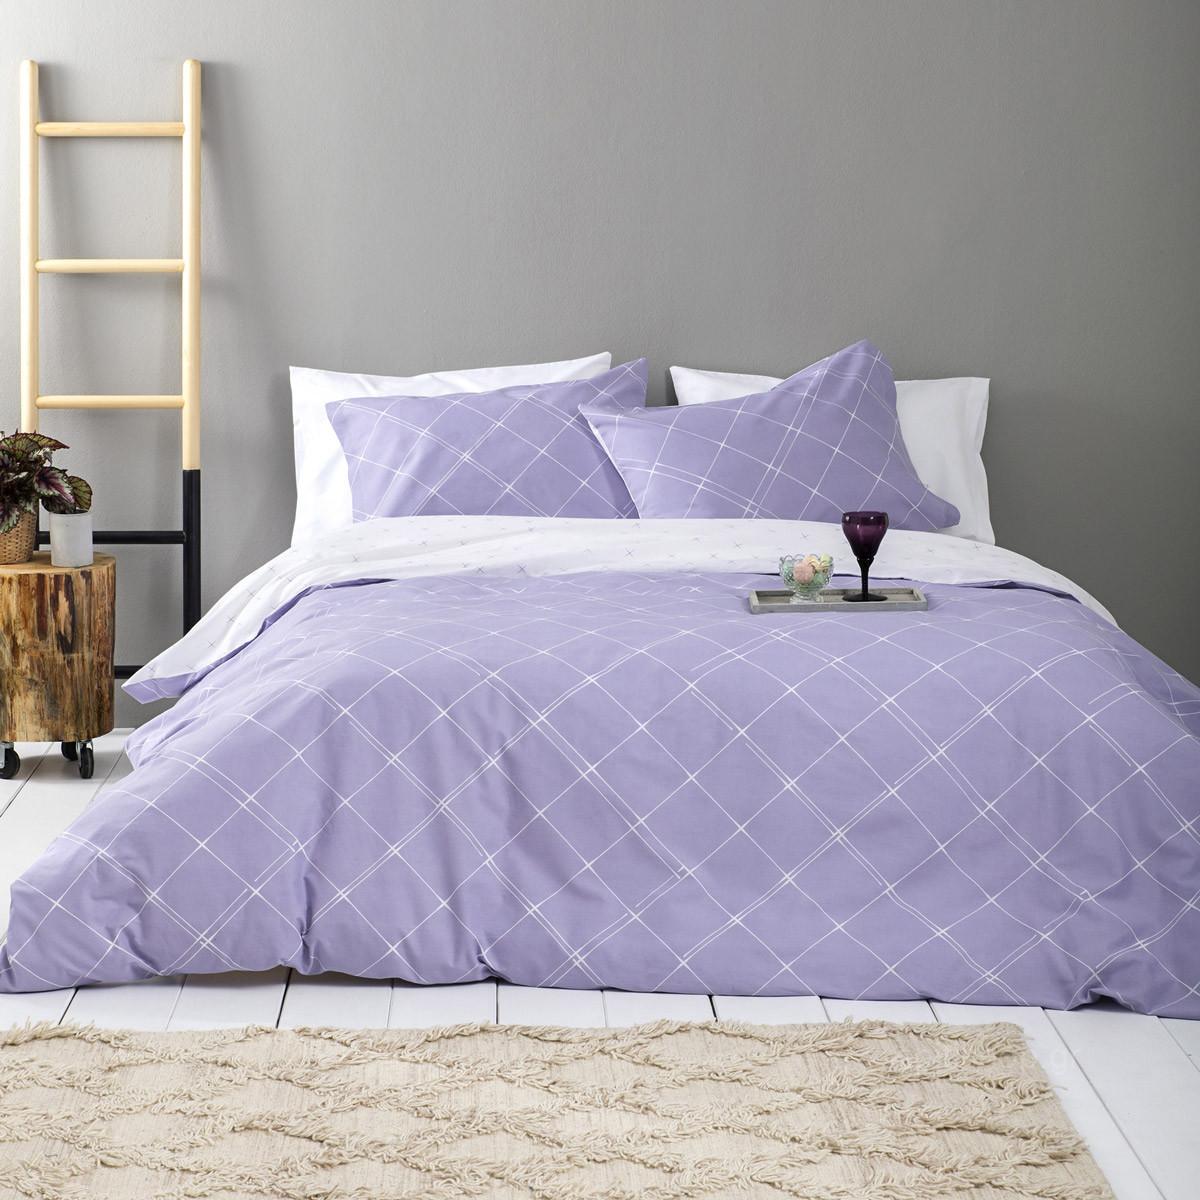 Σεντόνια King Size (Σετ) Nima Bed Linen Azzora Lilac